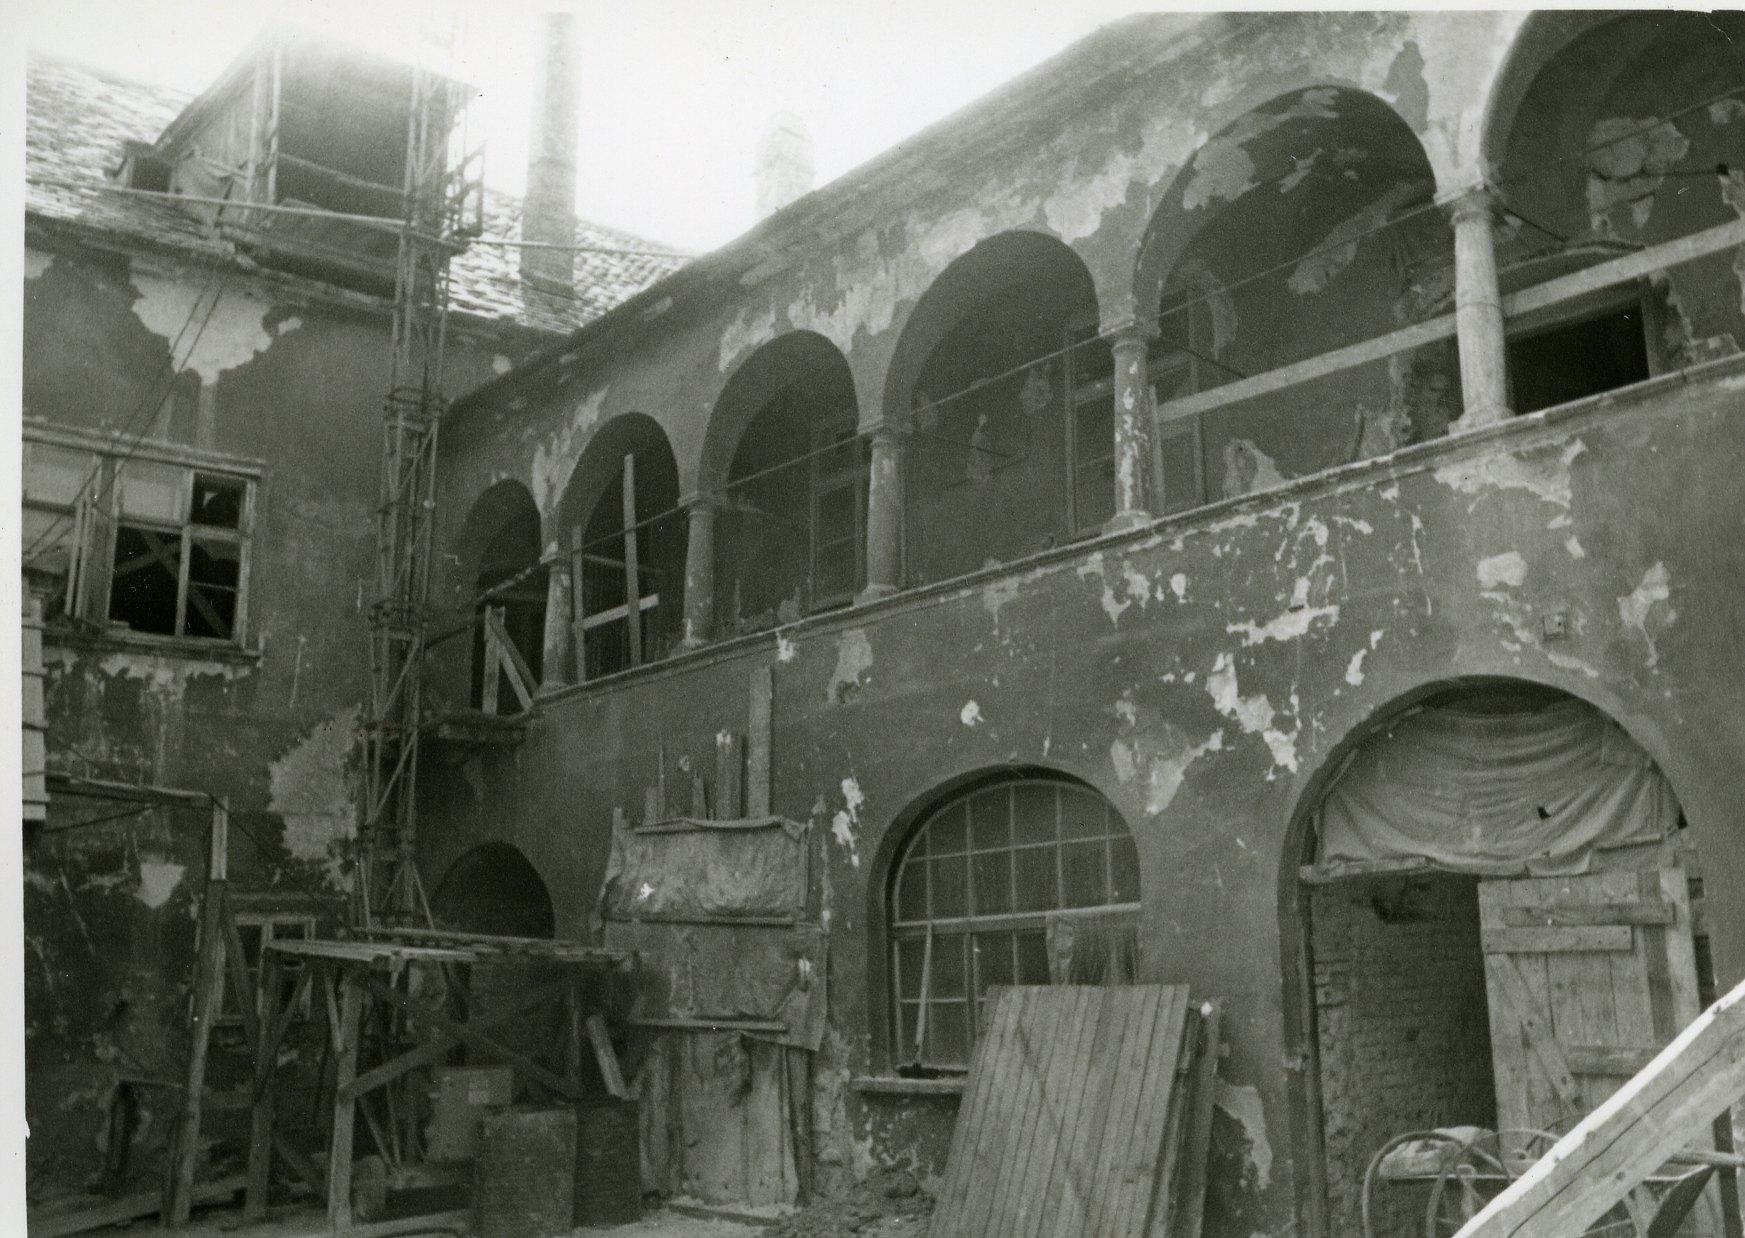 muzeumi_felujitas_1975_79_az_udvar_a_kapualj_iranyaba_609.jpg